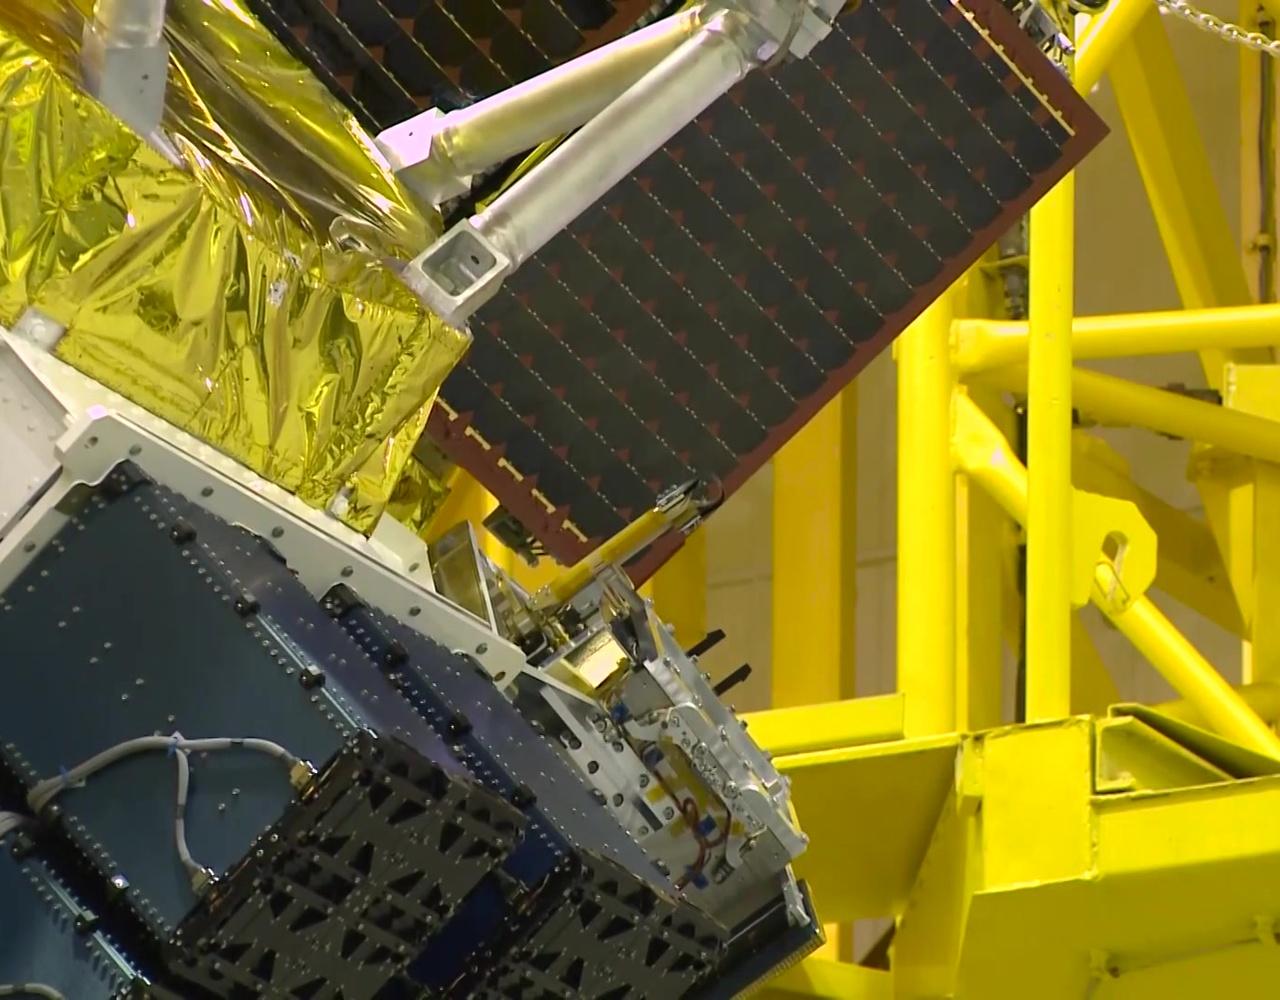 老人星-В-ИК和其他72颗小卫星被放置到适配器上面并扣上整流罩。